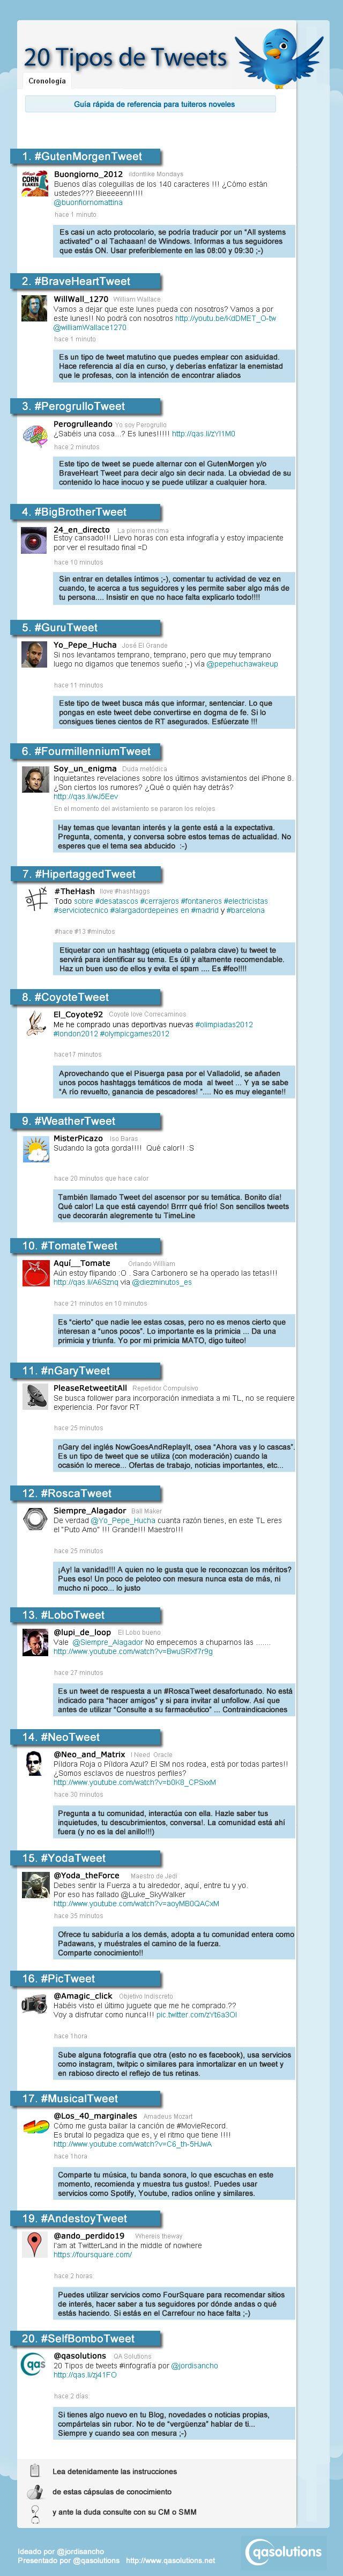 #Infografia que muestra los diferentes tipos de tuits según la modalidad de tuitero que seas. #fb